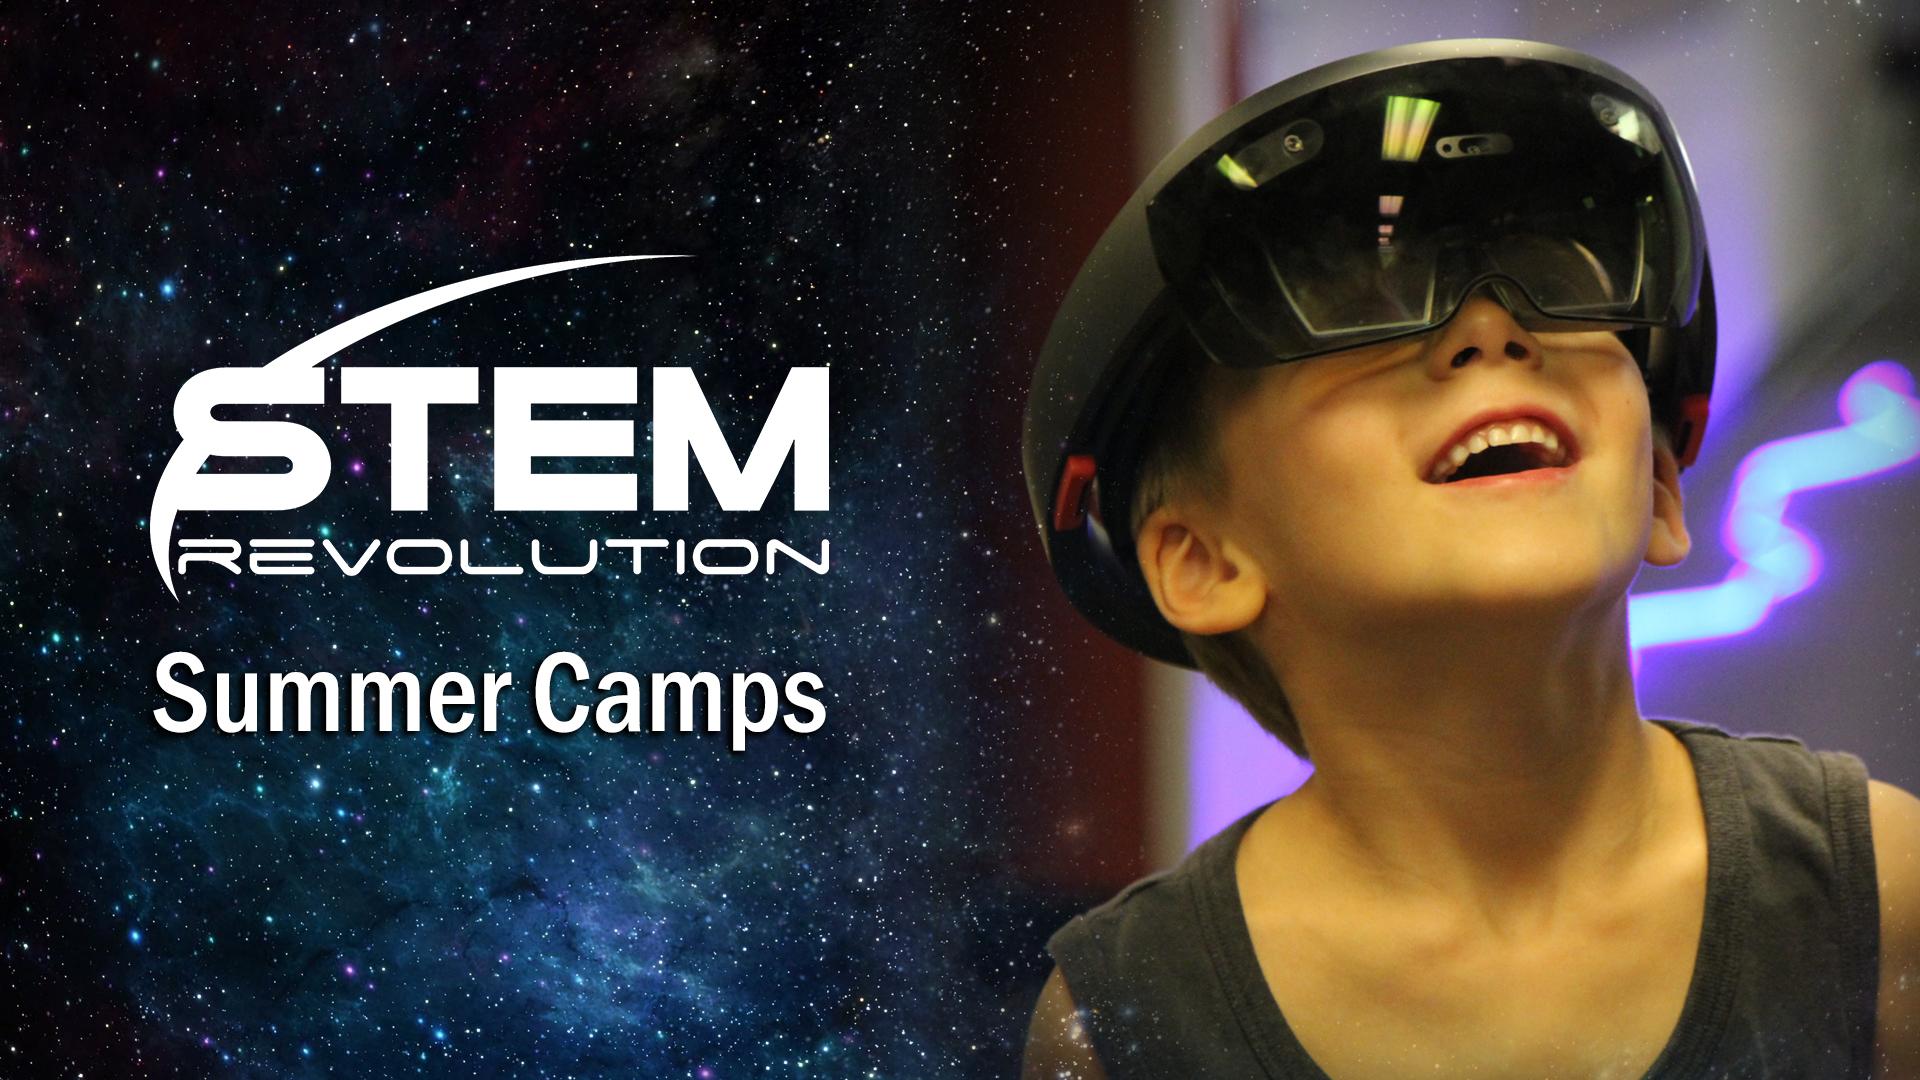 STEM Revolution - Summer Camps